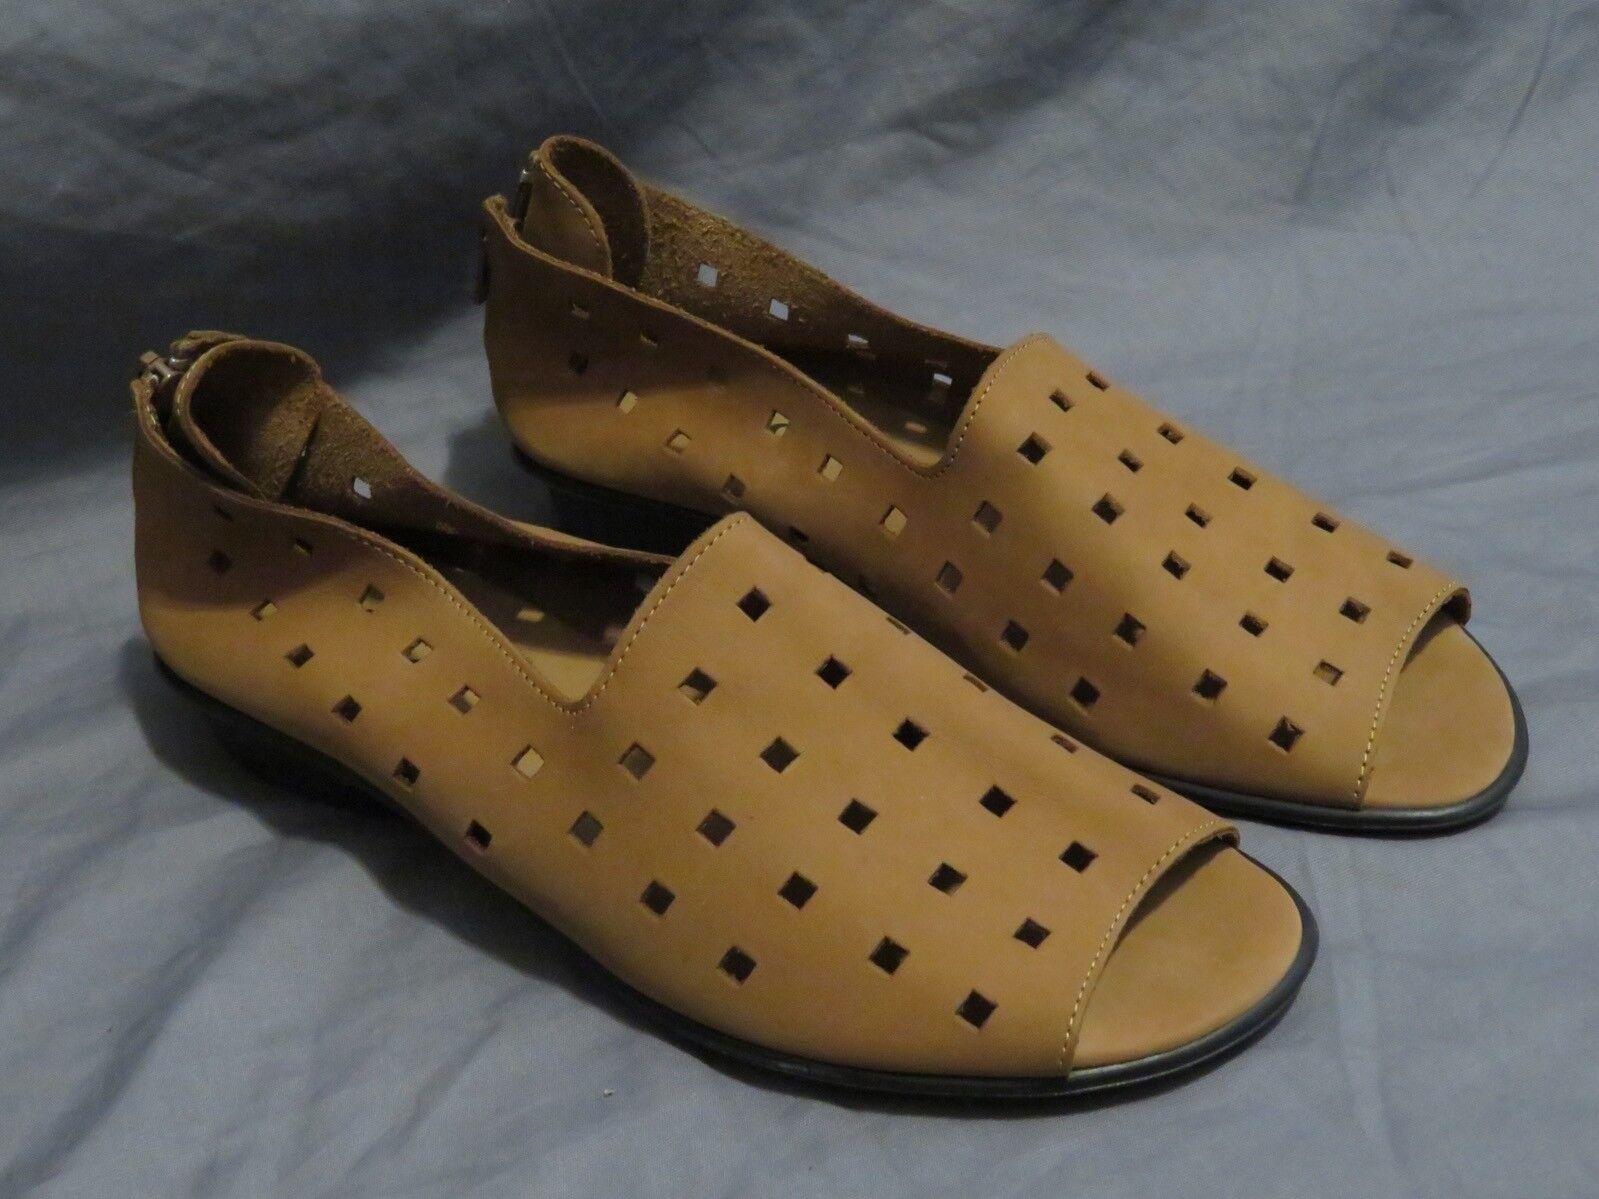 Nuevo Para mujeres Sesto Meucci Gamuza marrón Mocasín recorte cuadrado de punta abierta zapatos talla 10